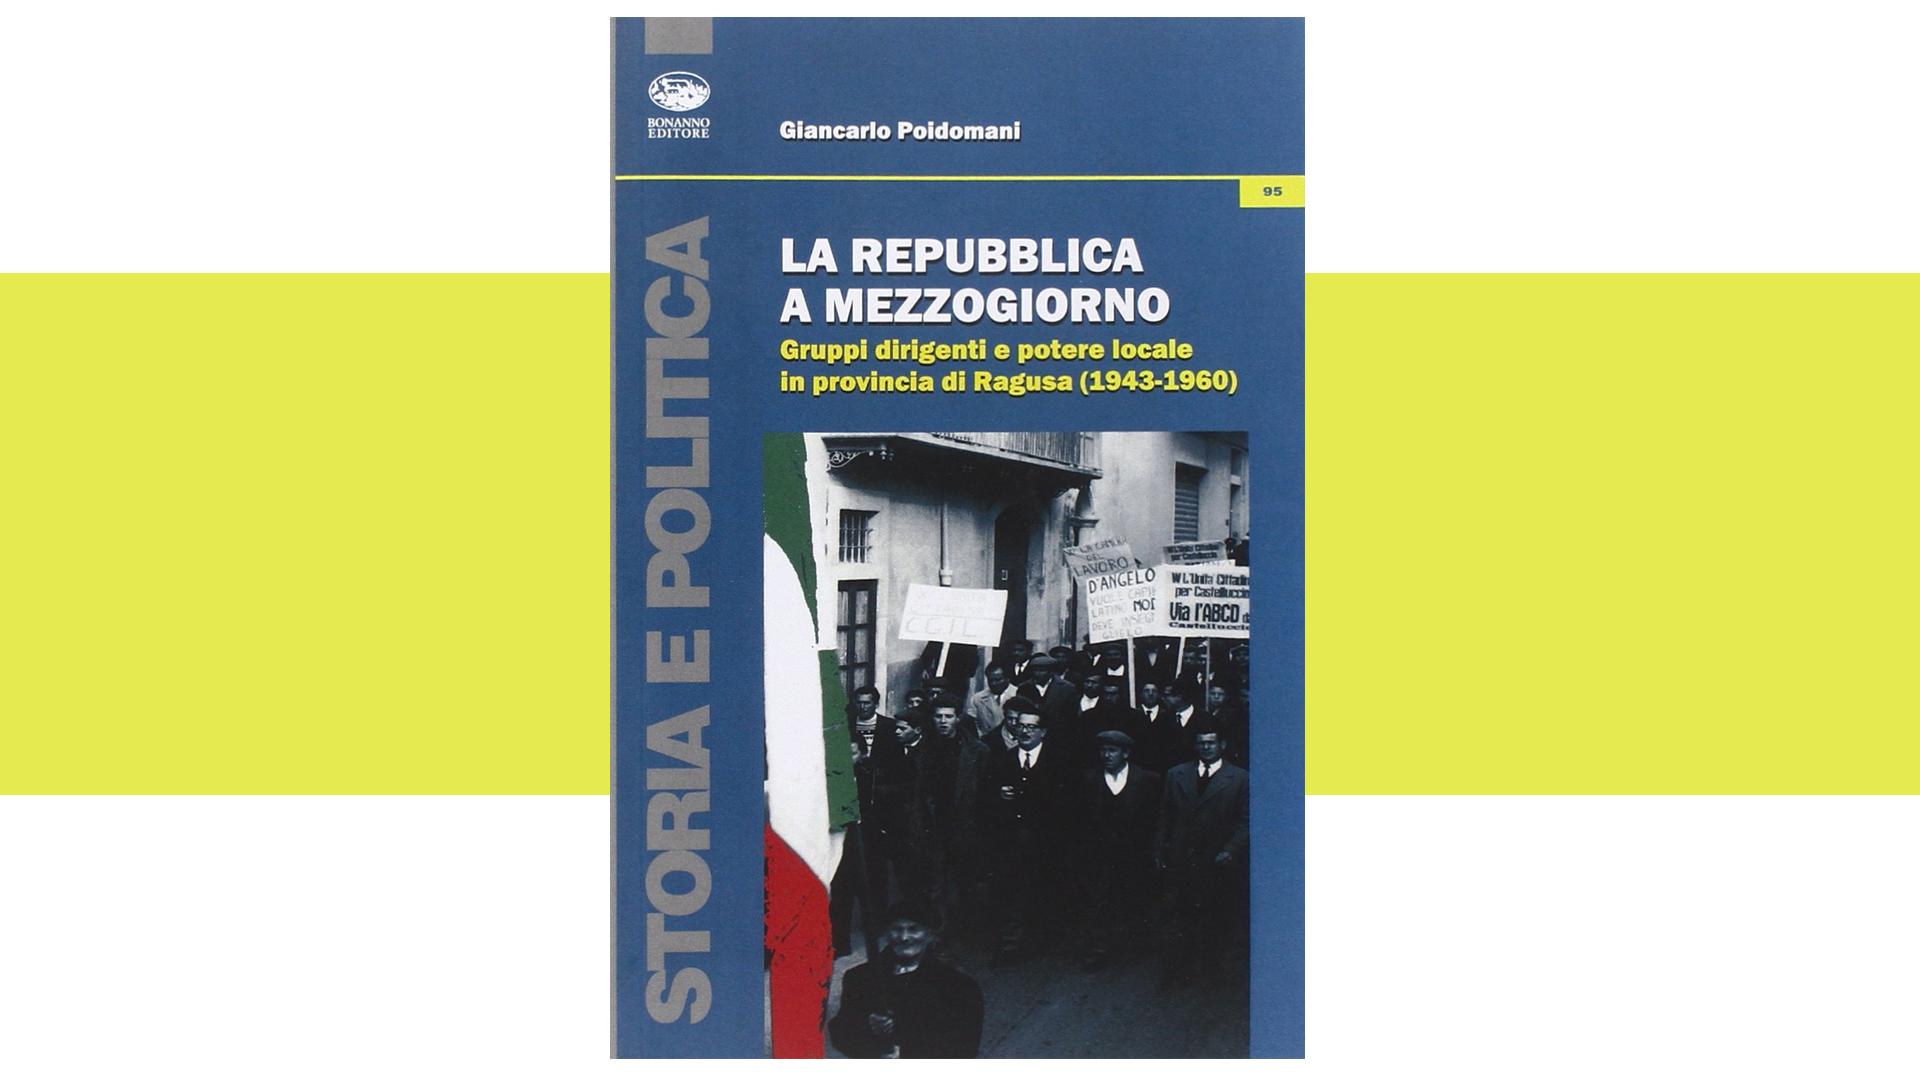 La repubblica a Mezzogiorno. Gruppi dirigenti e potere locale in provincia di Ragusa (1943-1960)